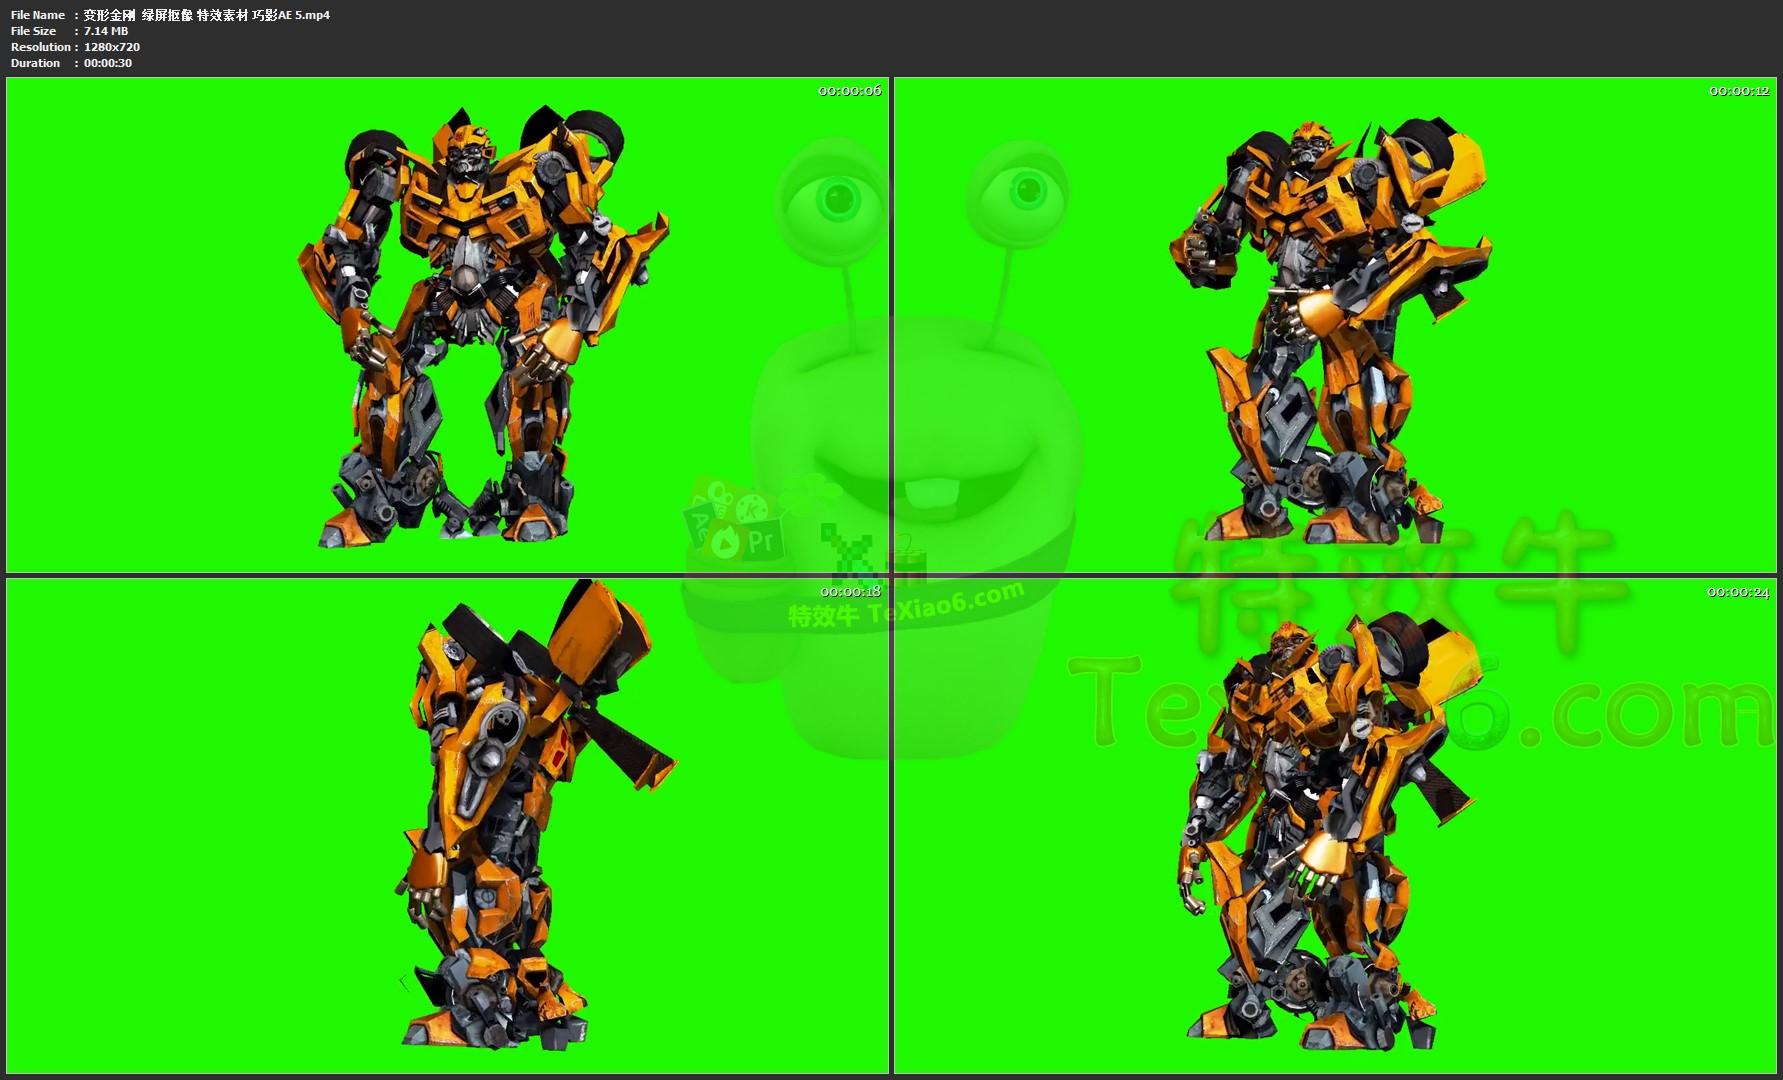 变形金刚 绿屏抠像 特效素材 巧影ae 5